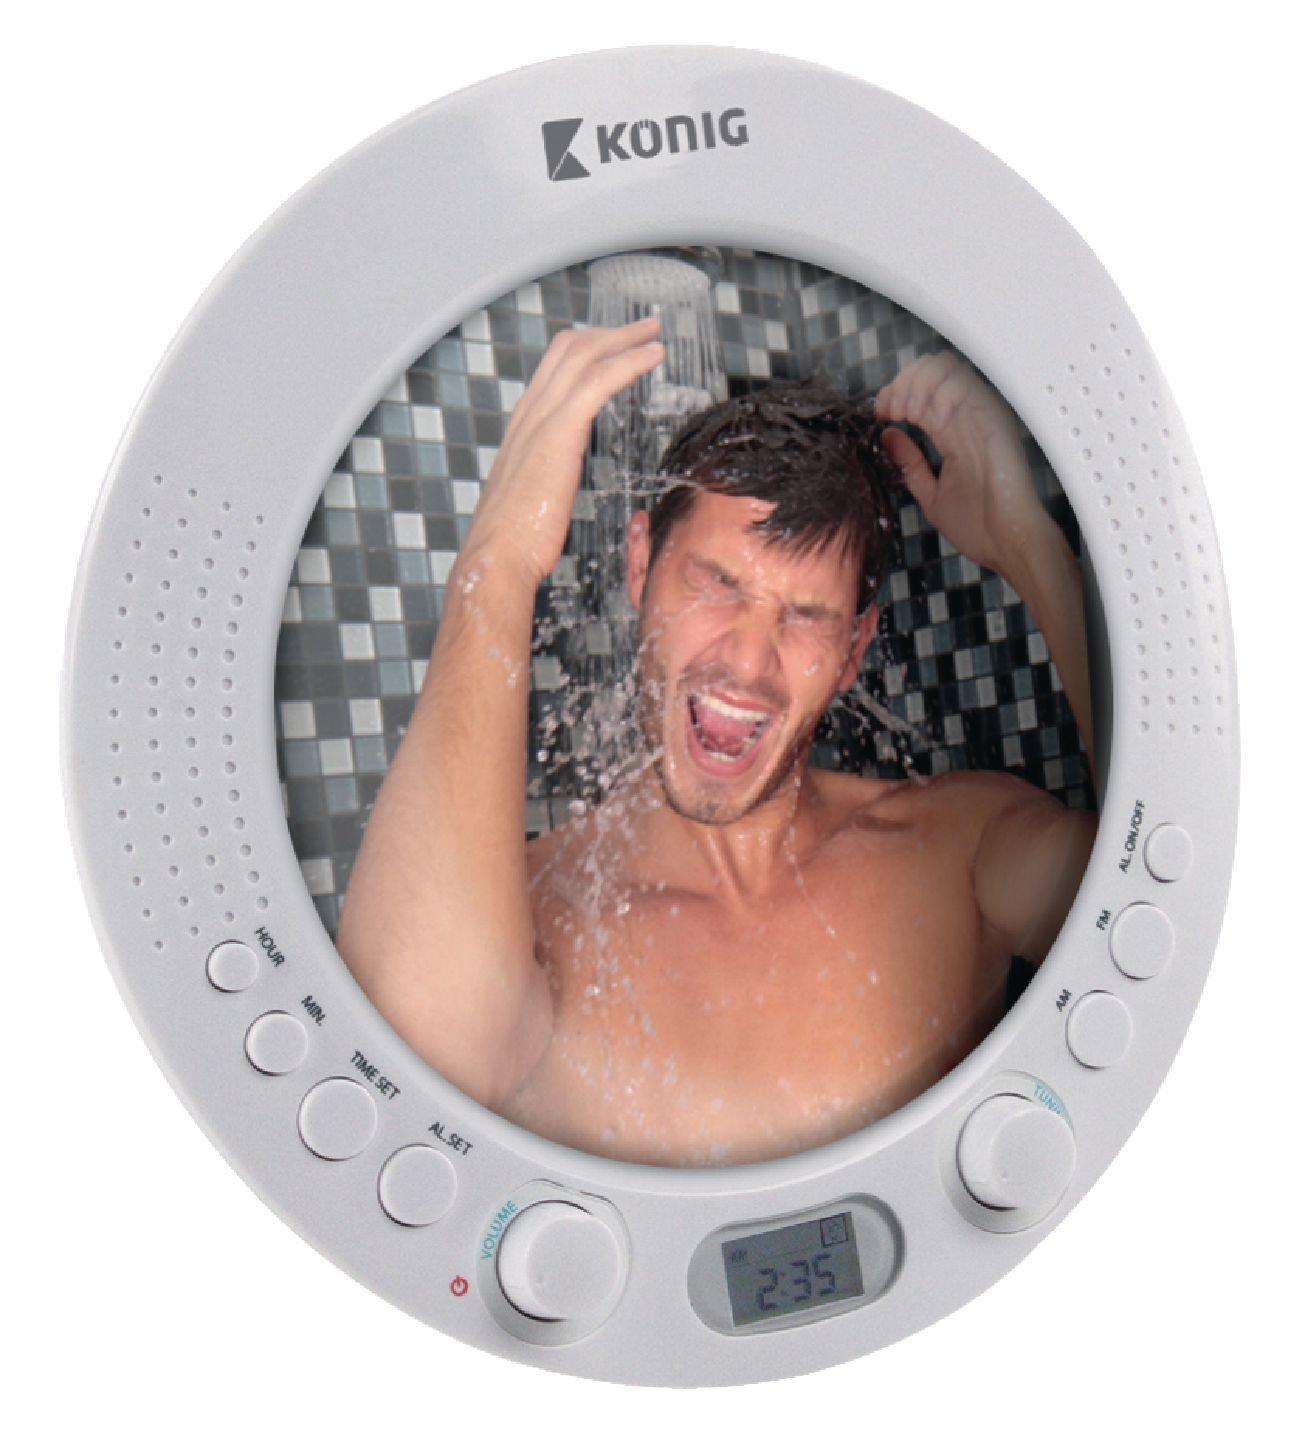 Konig AM//FM Shower Radio with Mirror